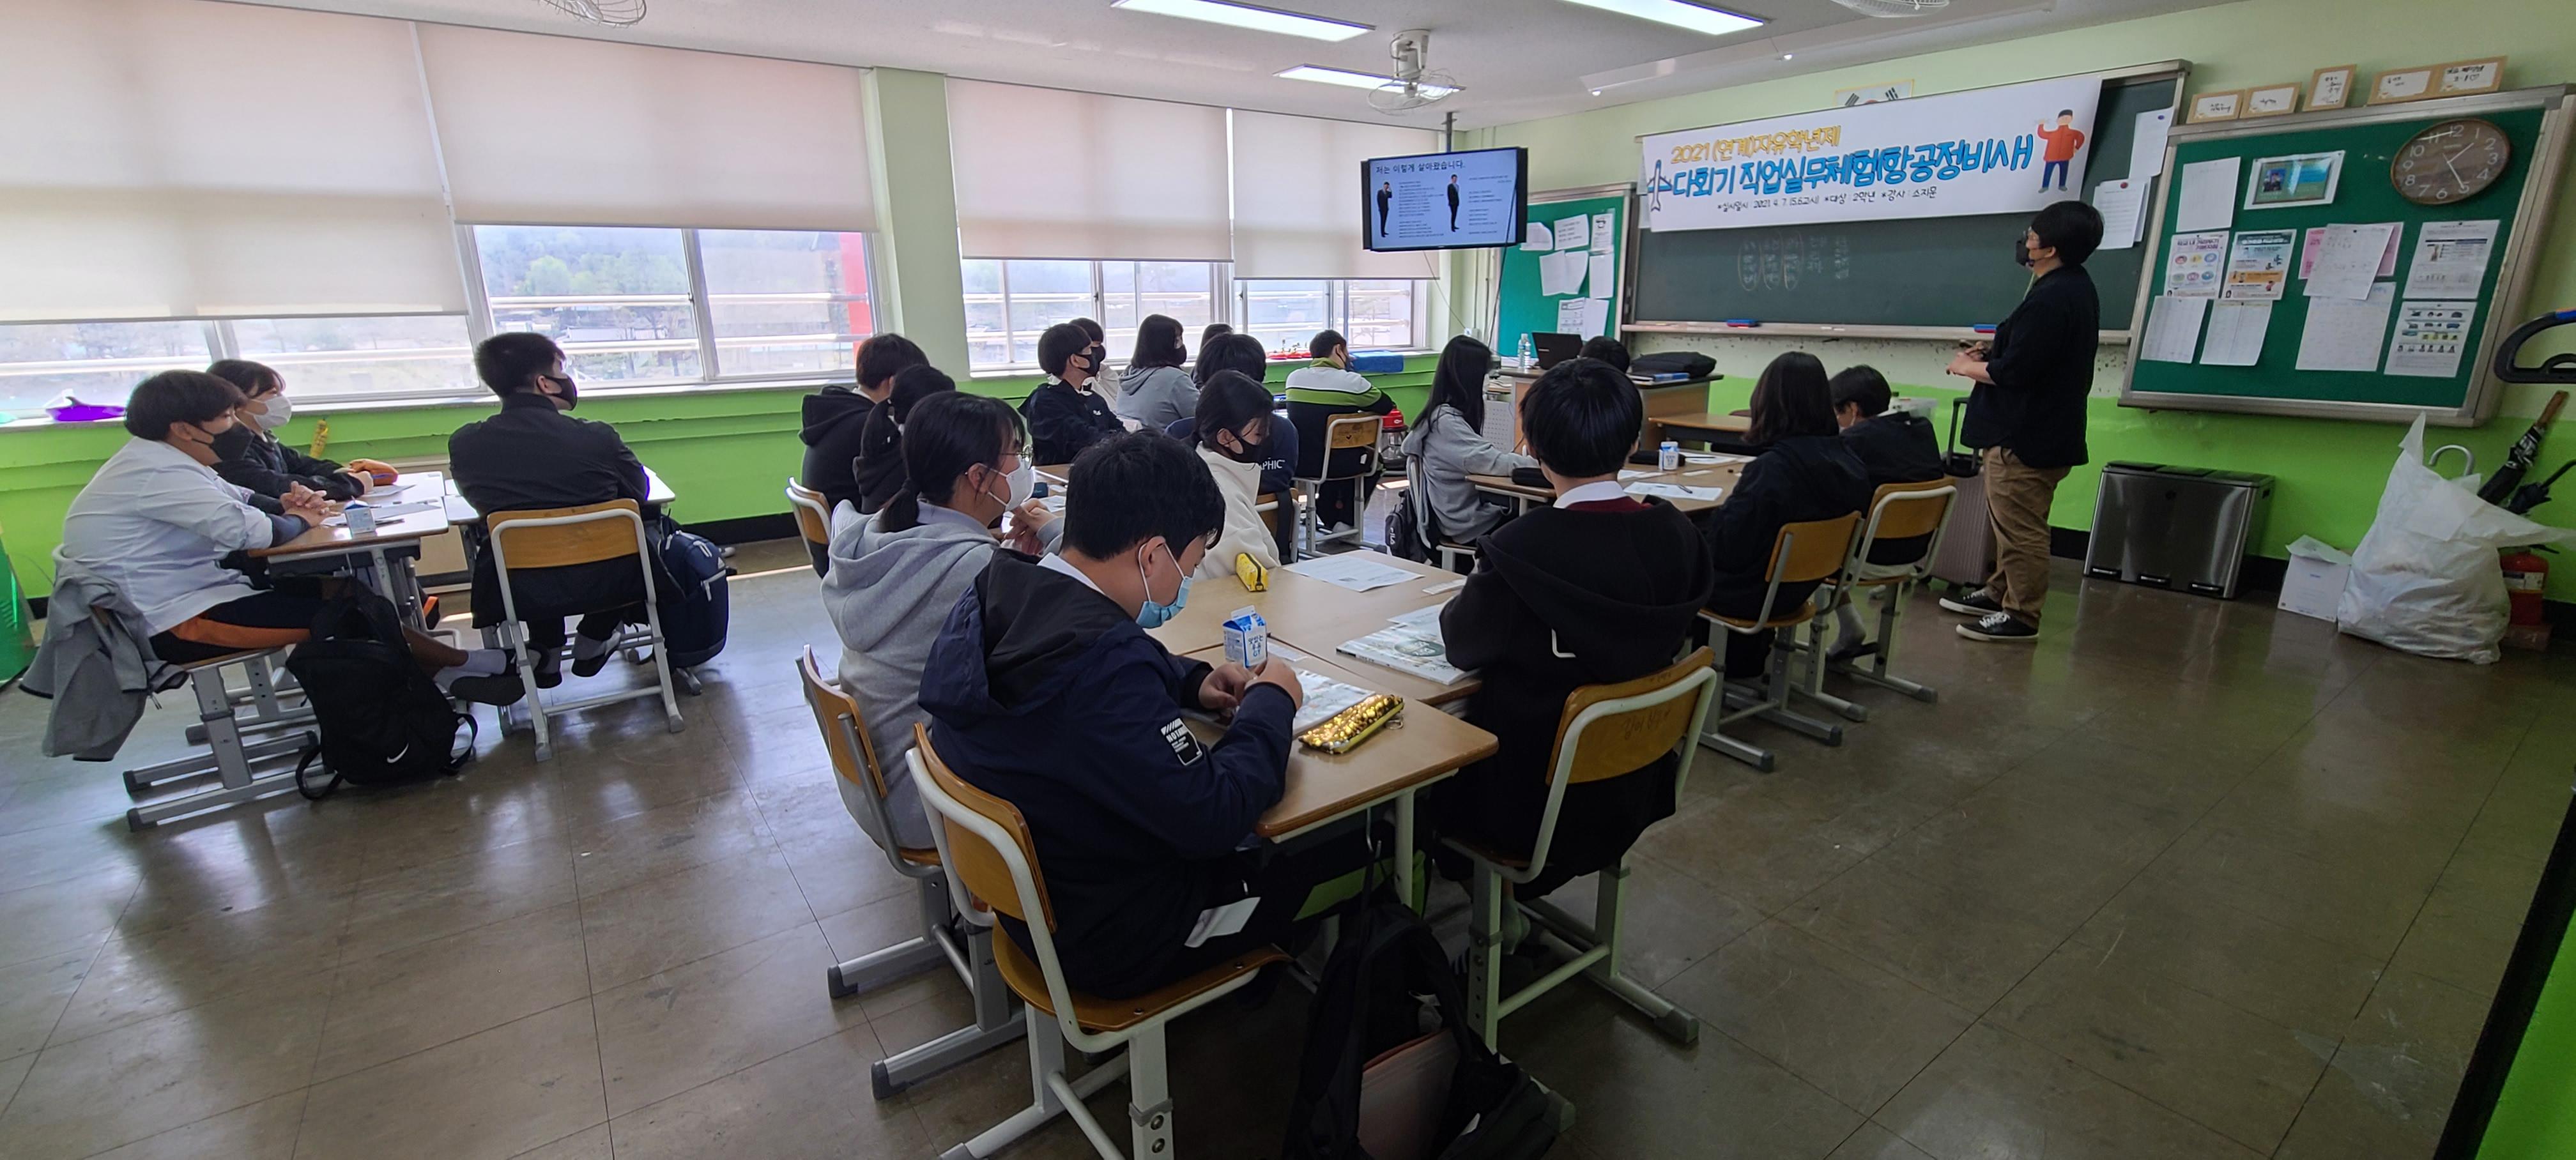 [일반] 2학년 진로직업 체험(4월 7일)의 첨부이미지 2